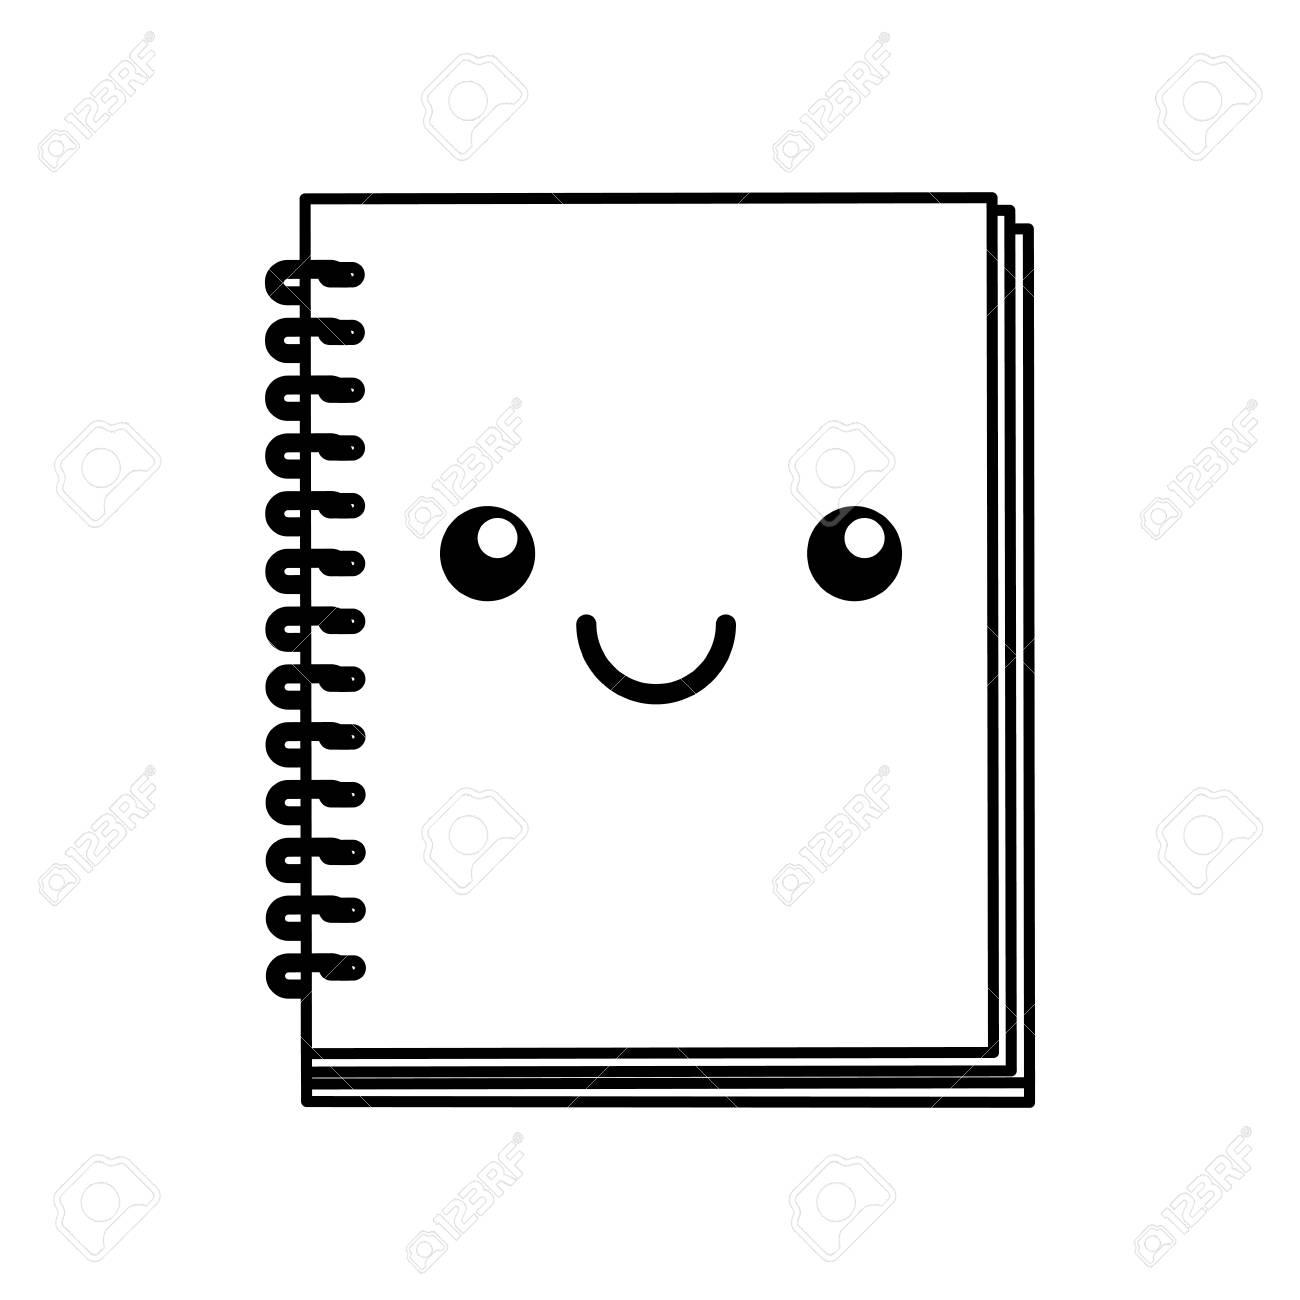 Linea Linda Icono Kawaii Libro De Nota Vector De Dibujos Animados